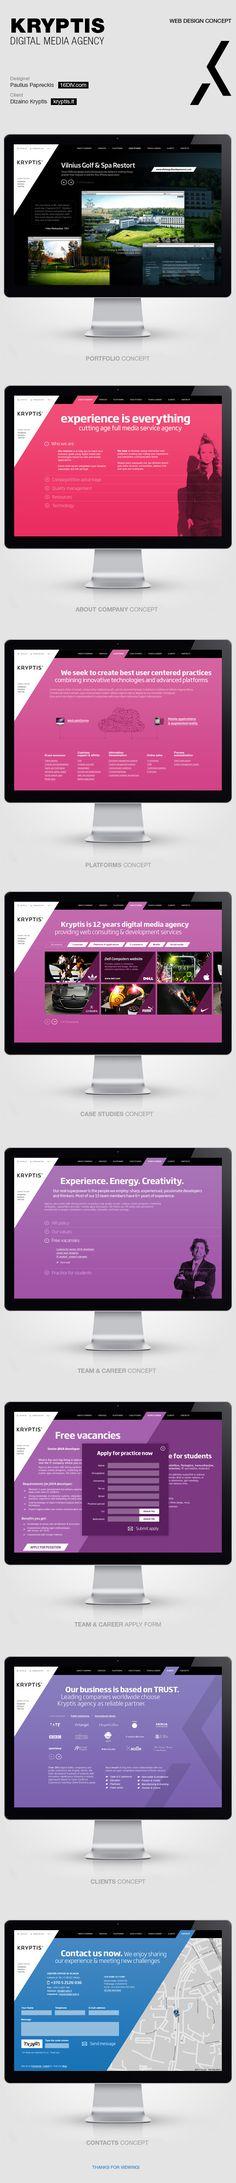 Kryptis web design concept by Paulius Papreckis, via Behance #design, #UI, #UX, #interface, #experience